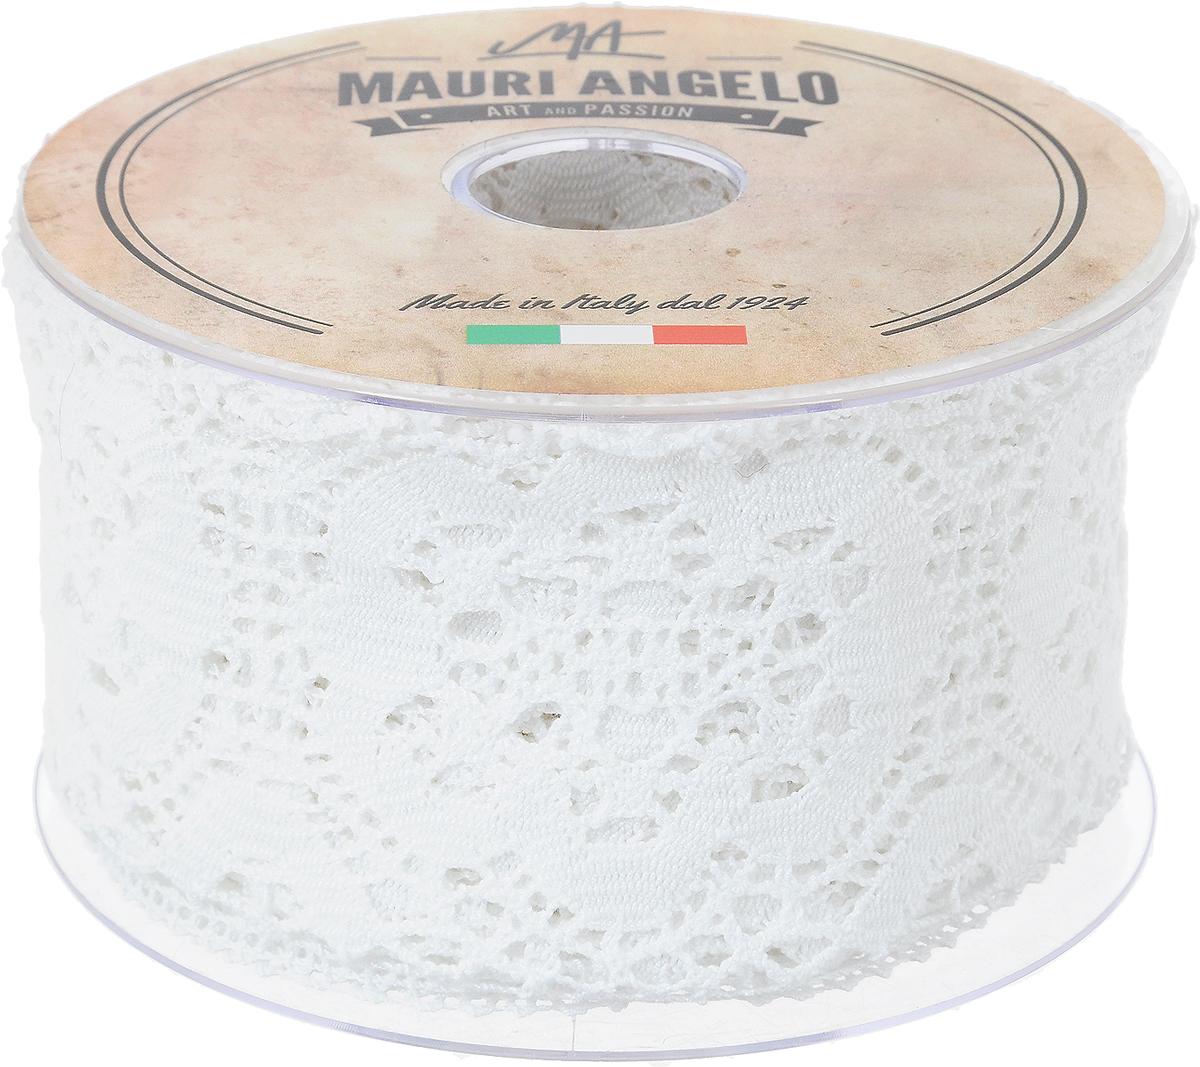 Лента кружевная Mauri Angelo, цвет: белый, 7,7 см х 10 мMR4038_белыйДекоративная кружевная лента Mauri Angelo - текстильное изделие без тканой основы, в котором ажурный орнамент и изображения образуются в результате переплетения нитей. Кружево применяется для отделки одежды, белья в виде окаймления или вставок, а также в оформлении интерьера, декоративных панно, скатертей, тюлей, покрывал. Главные особенности кружева - воздушность, тонкость, эластичность, узорность.Декоративная кружевная лента Mauri Angelo станет незаменимым элементом в создании рукотворного шедевра. Ширина: 7,7 см.Длина: 10 м.